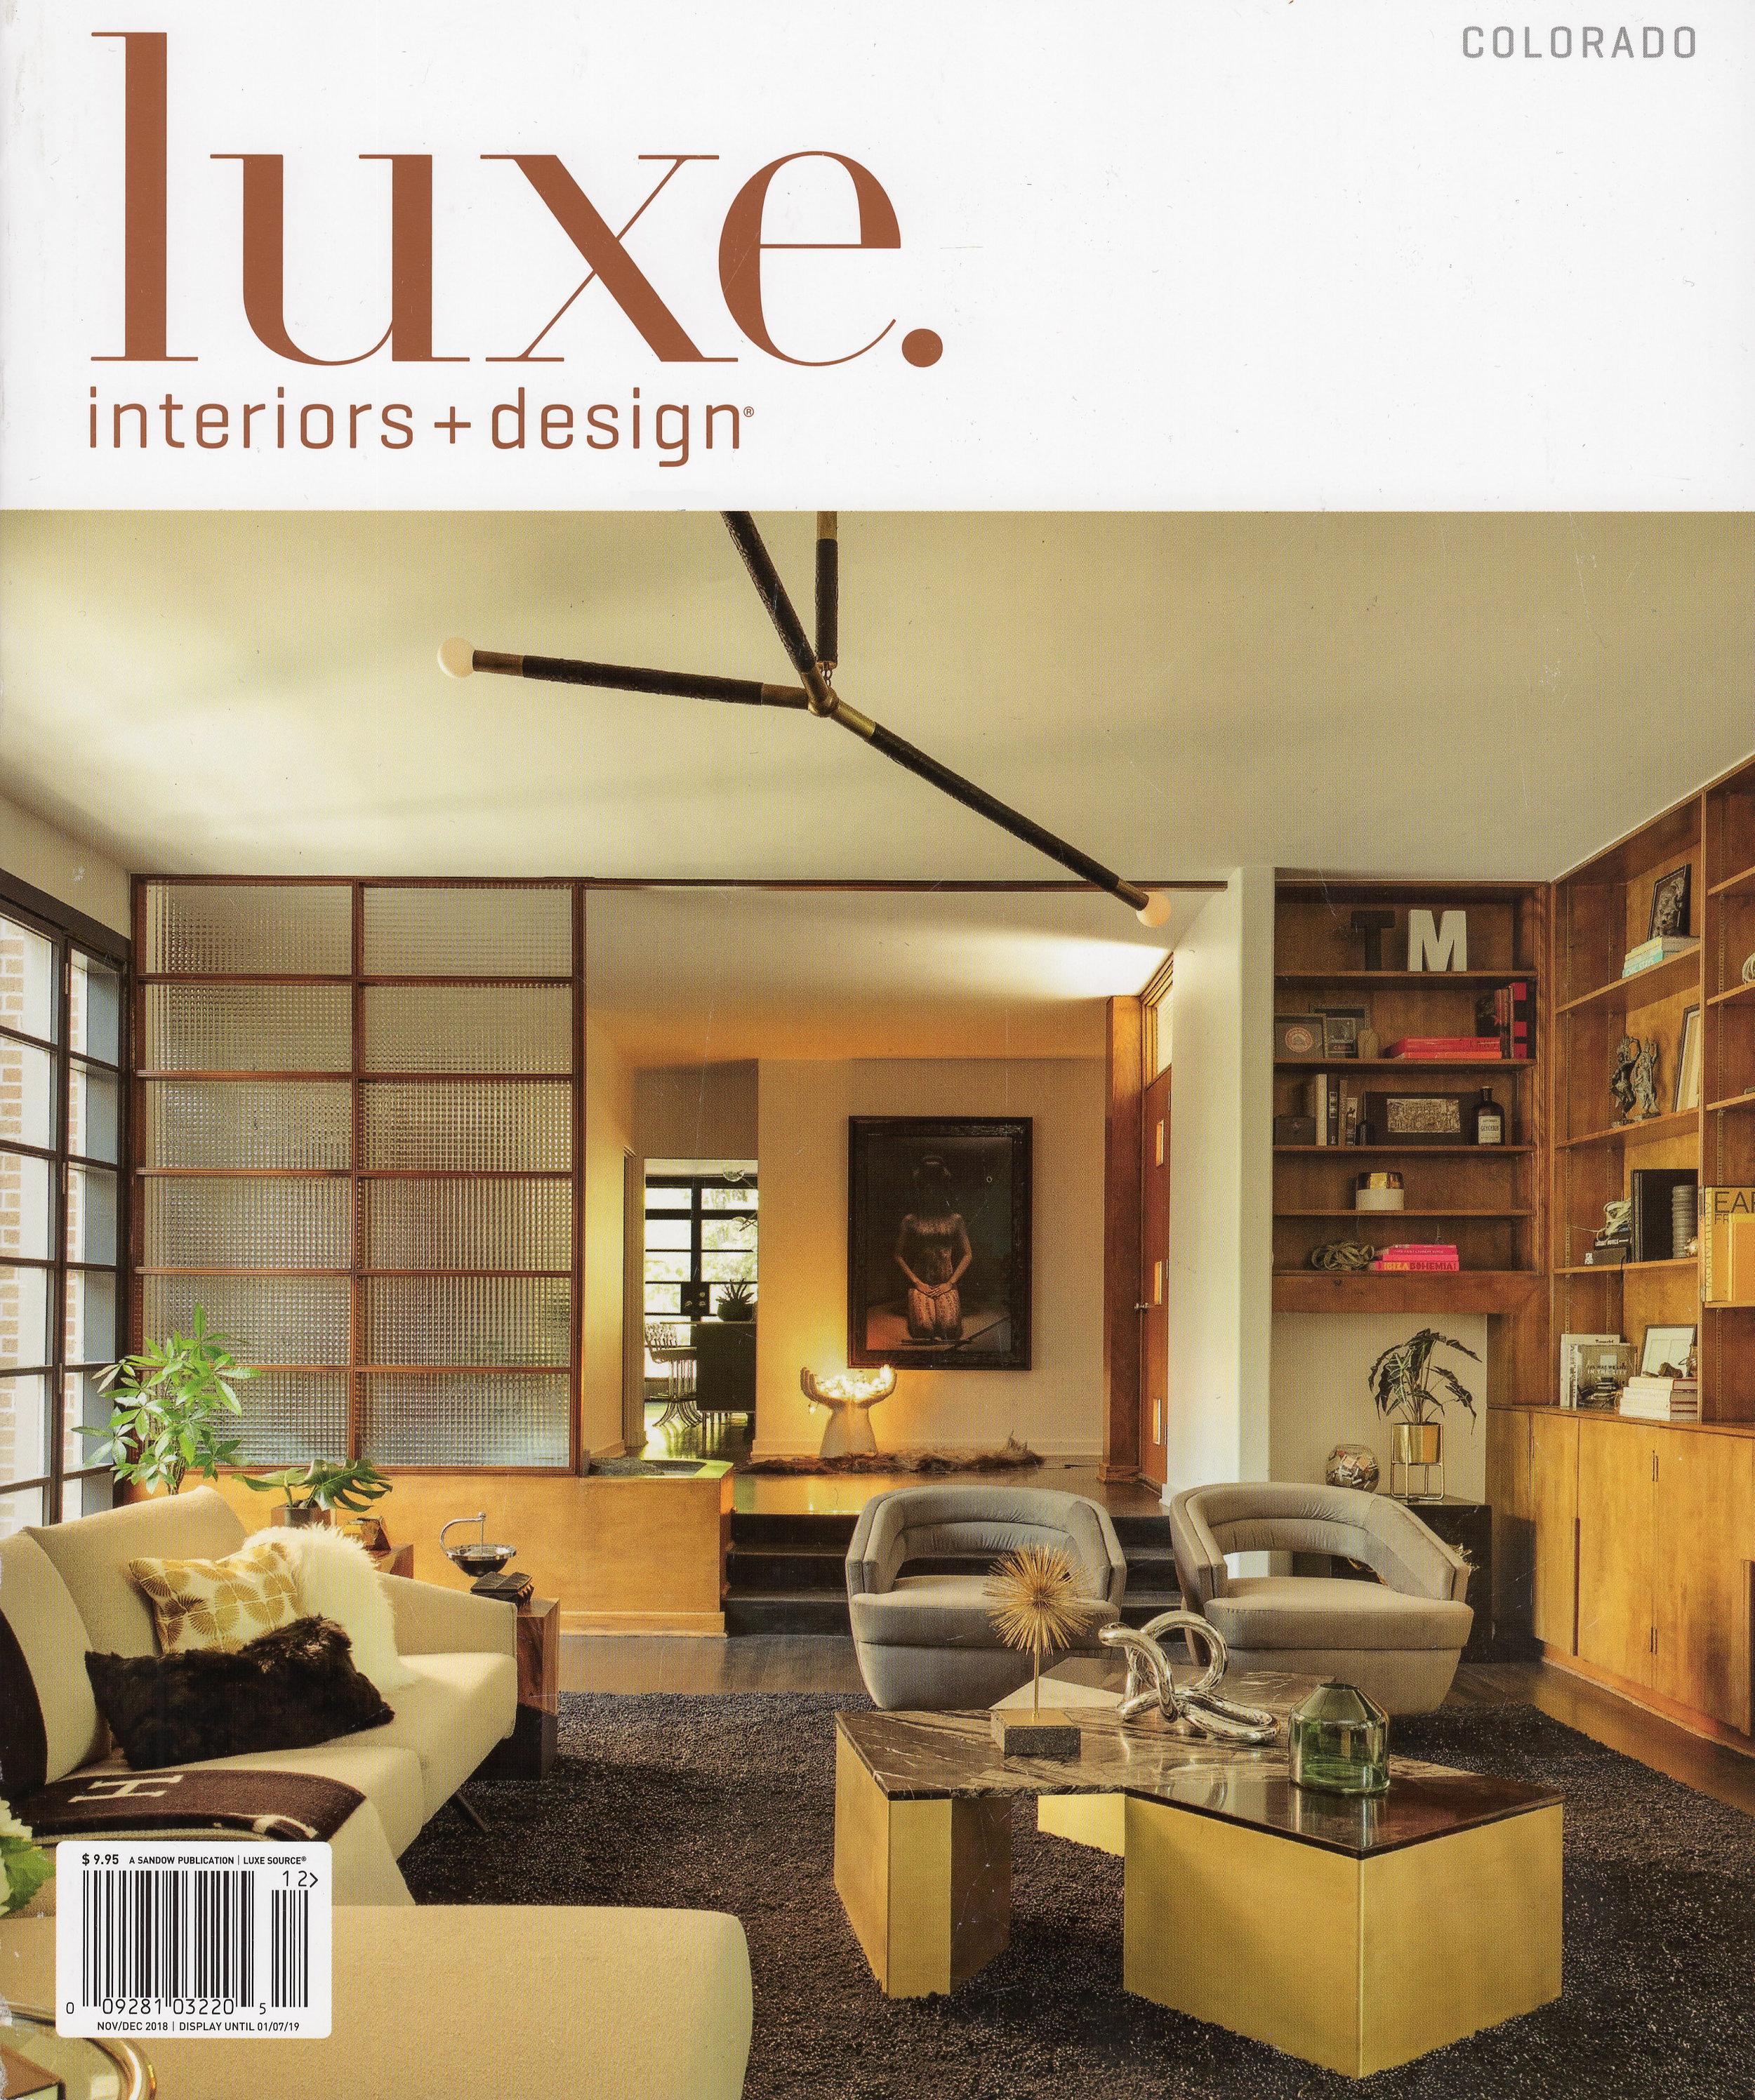 Luxe Magazine - Colorado - Nov 2018 - Surround Architecture